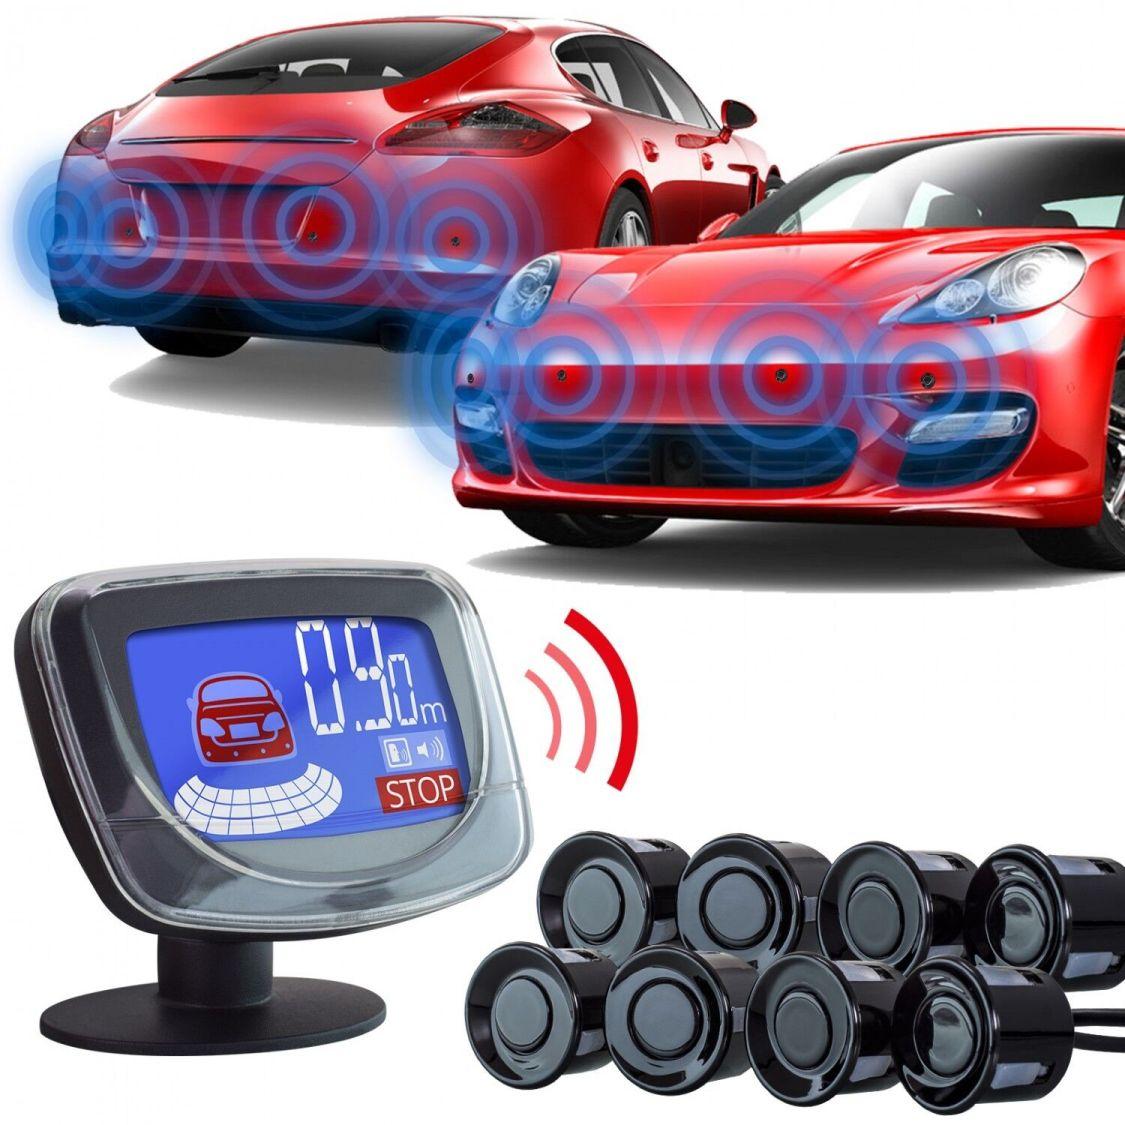 Einparkhilfe vorne hinten✔ 8 Sensoren+Bildschirm+Ton✔ Parkhilfe Rückfahrwarner